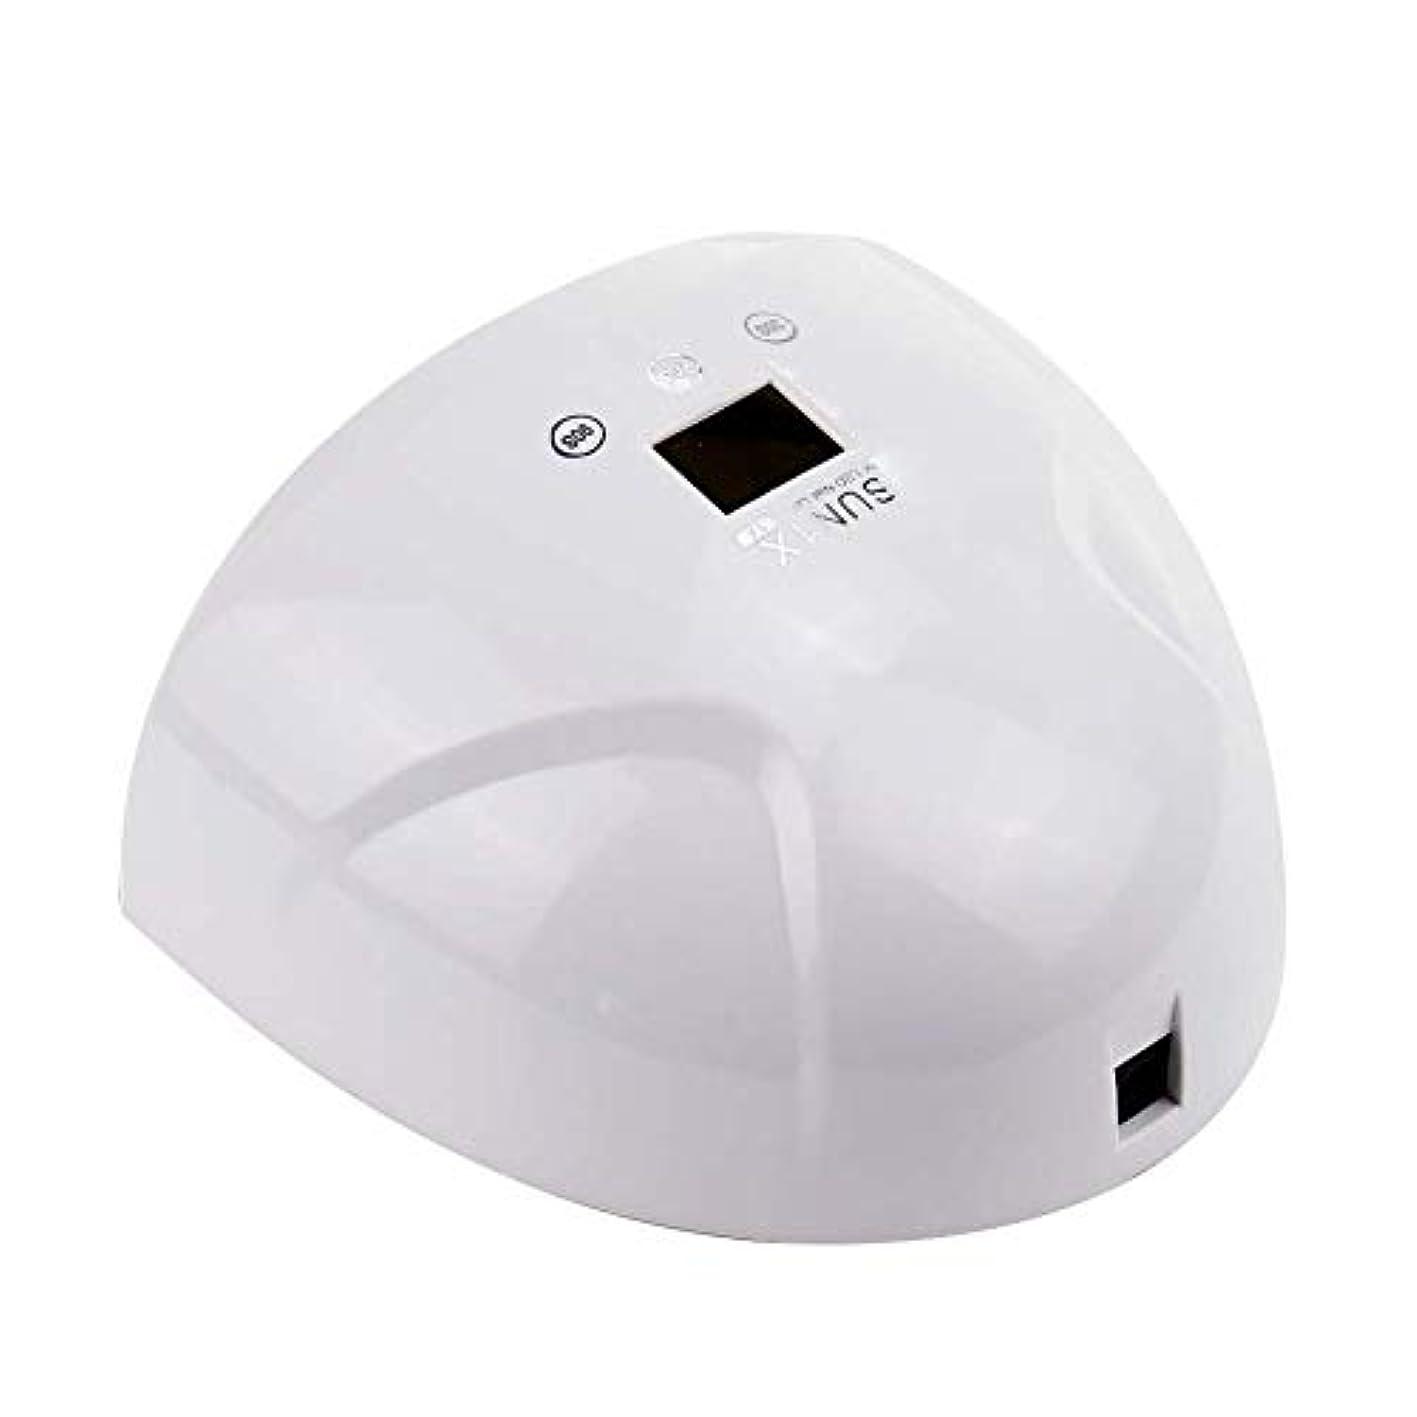 封筒欺抵抗力があるネイルドライヤーランプマニキュアネイルポリッシュledライト付き365 + 405nm 36ワット硬化ジェルuvネイルランプ機ネイルアートツール